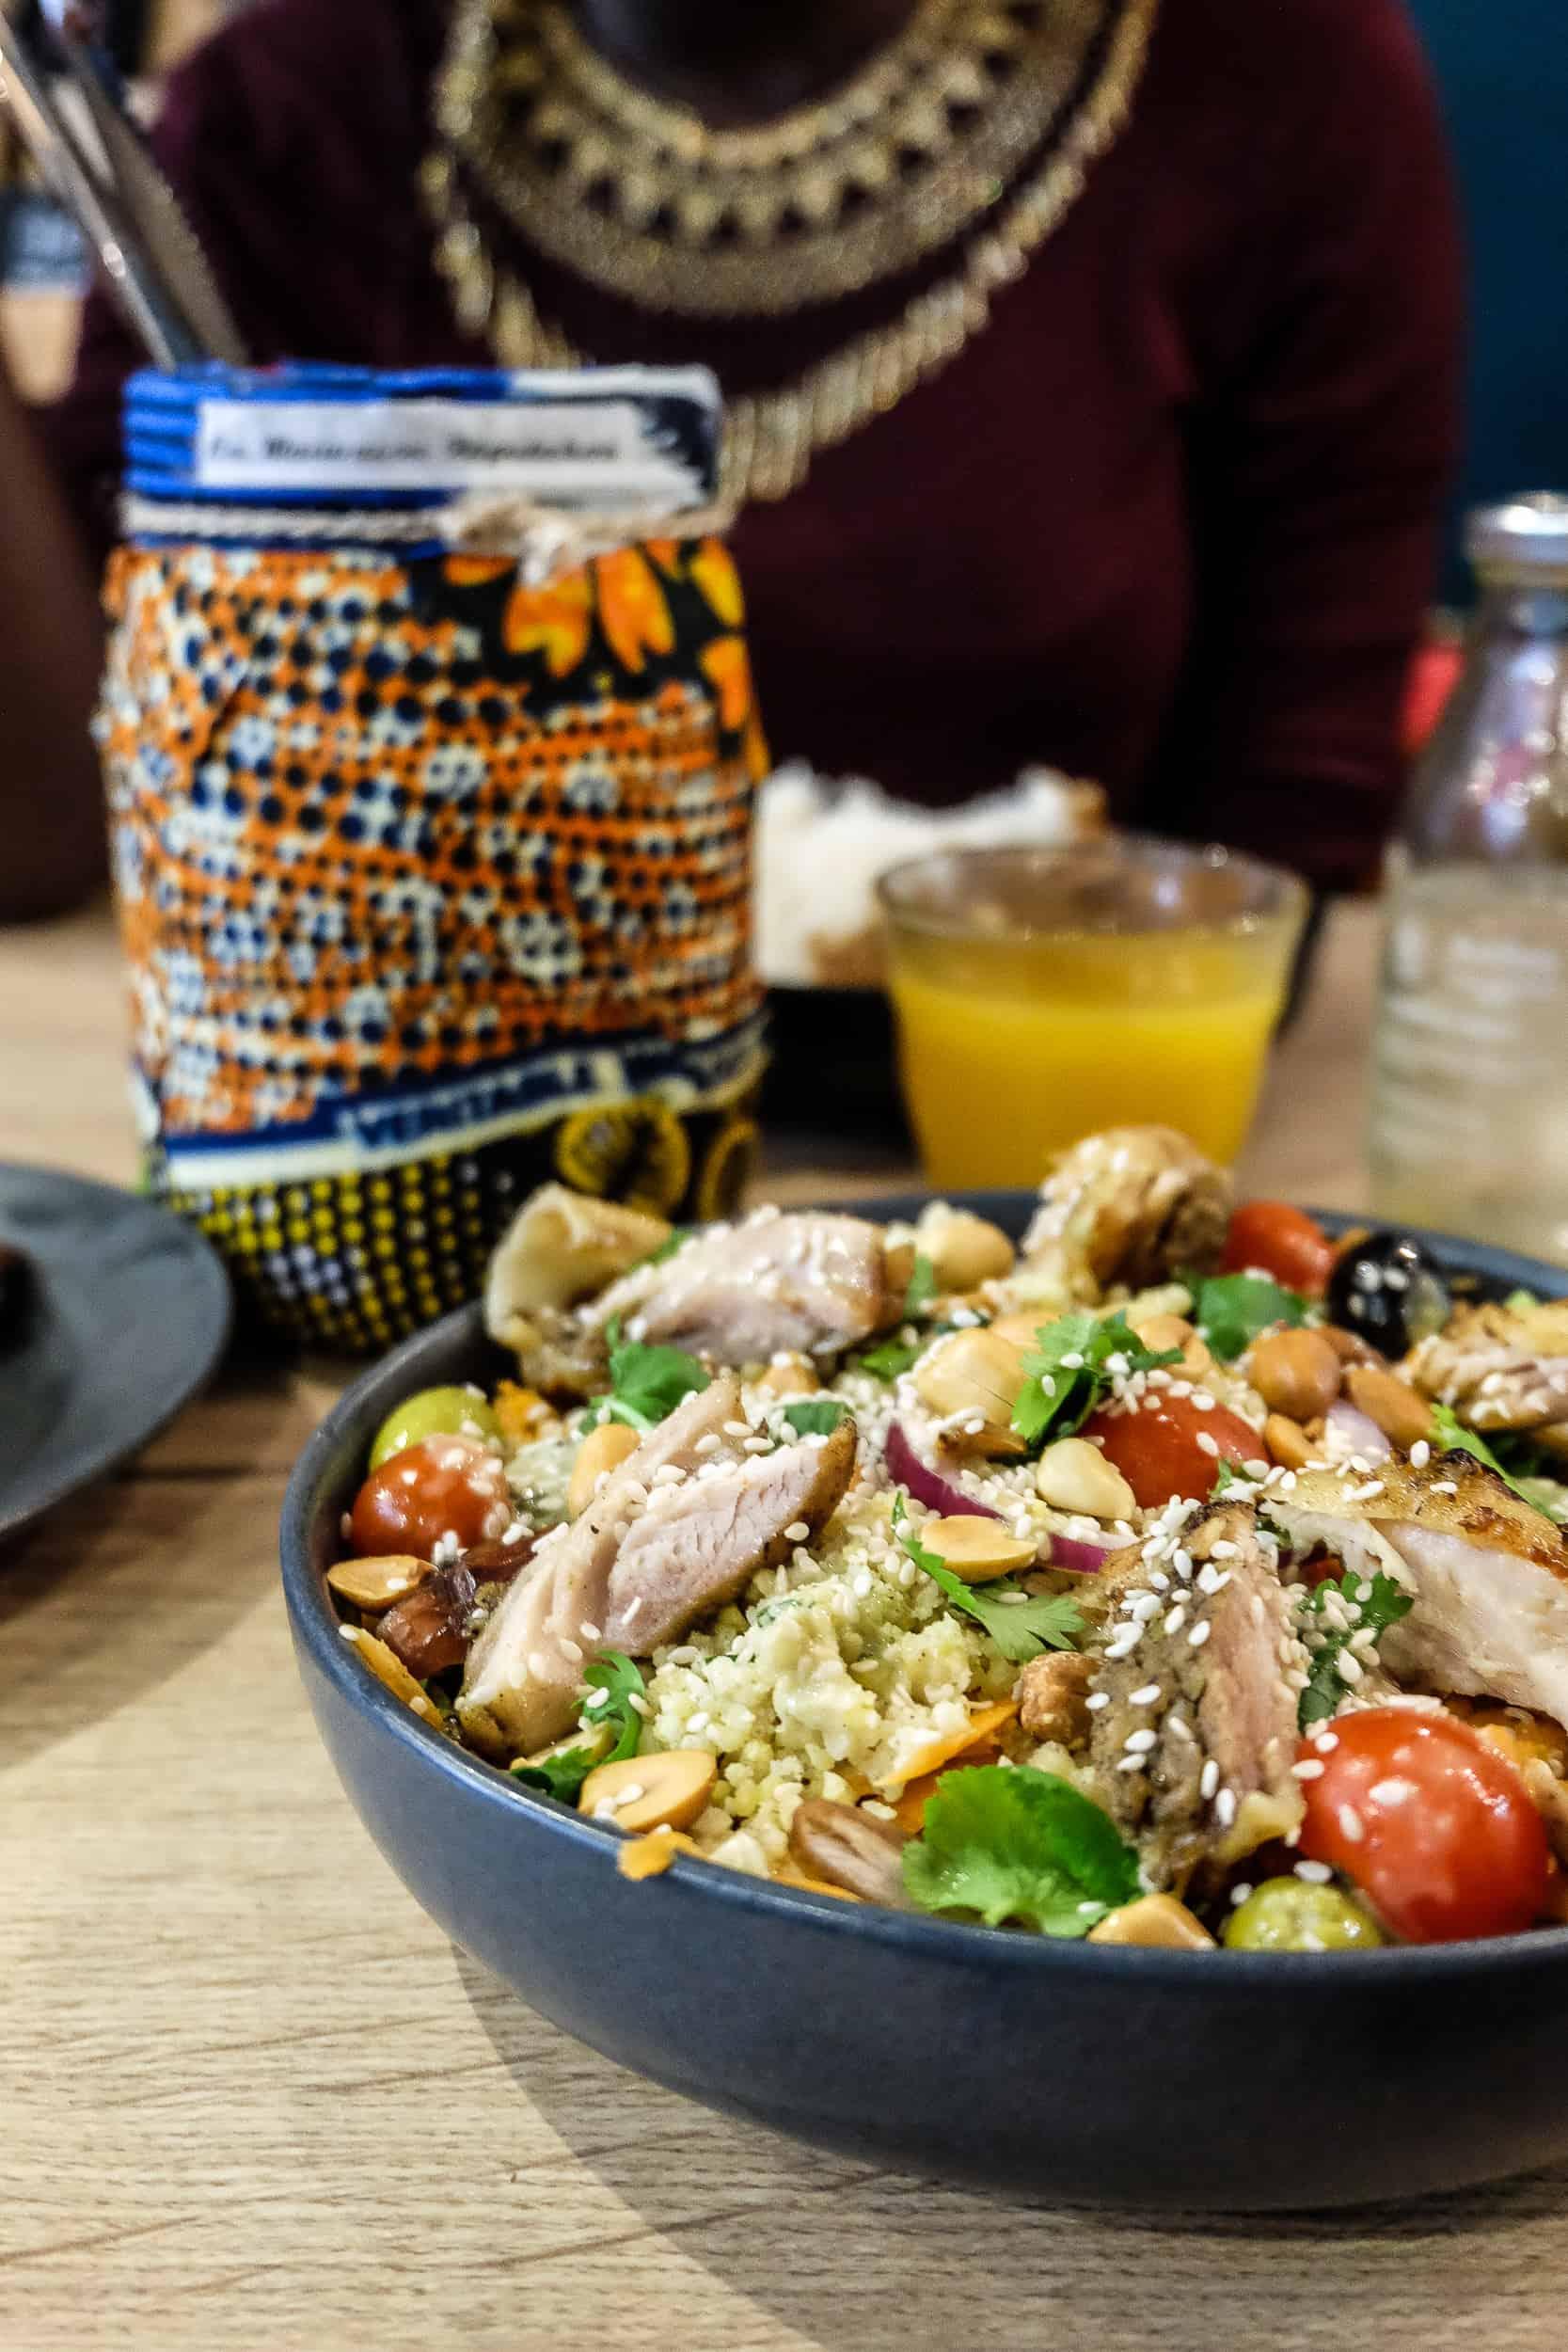 paris-bamako-restaurant-rue-fidelite-paris-10-7